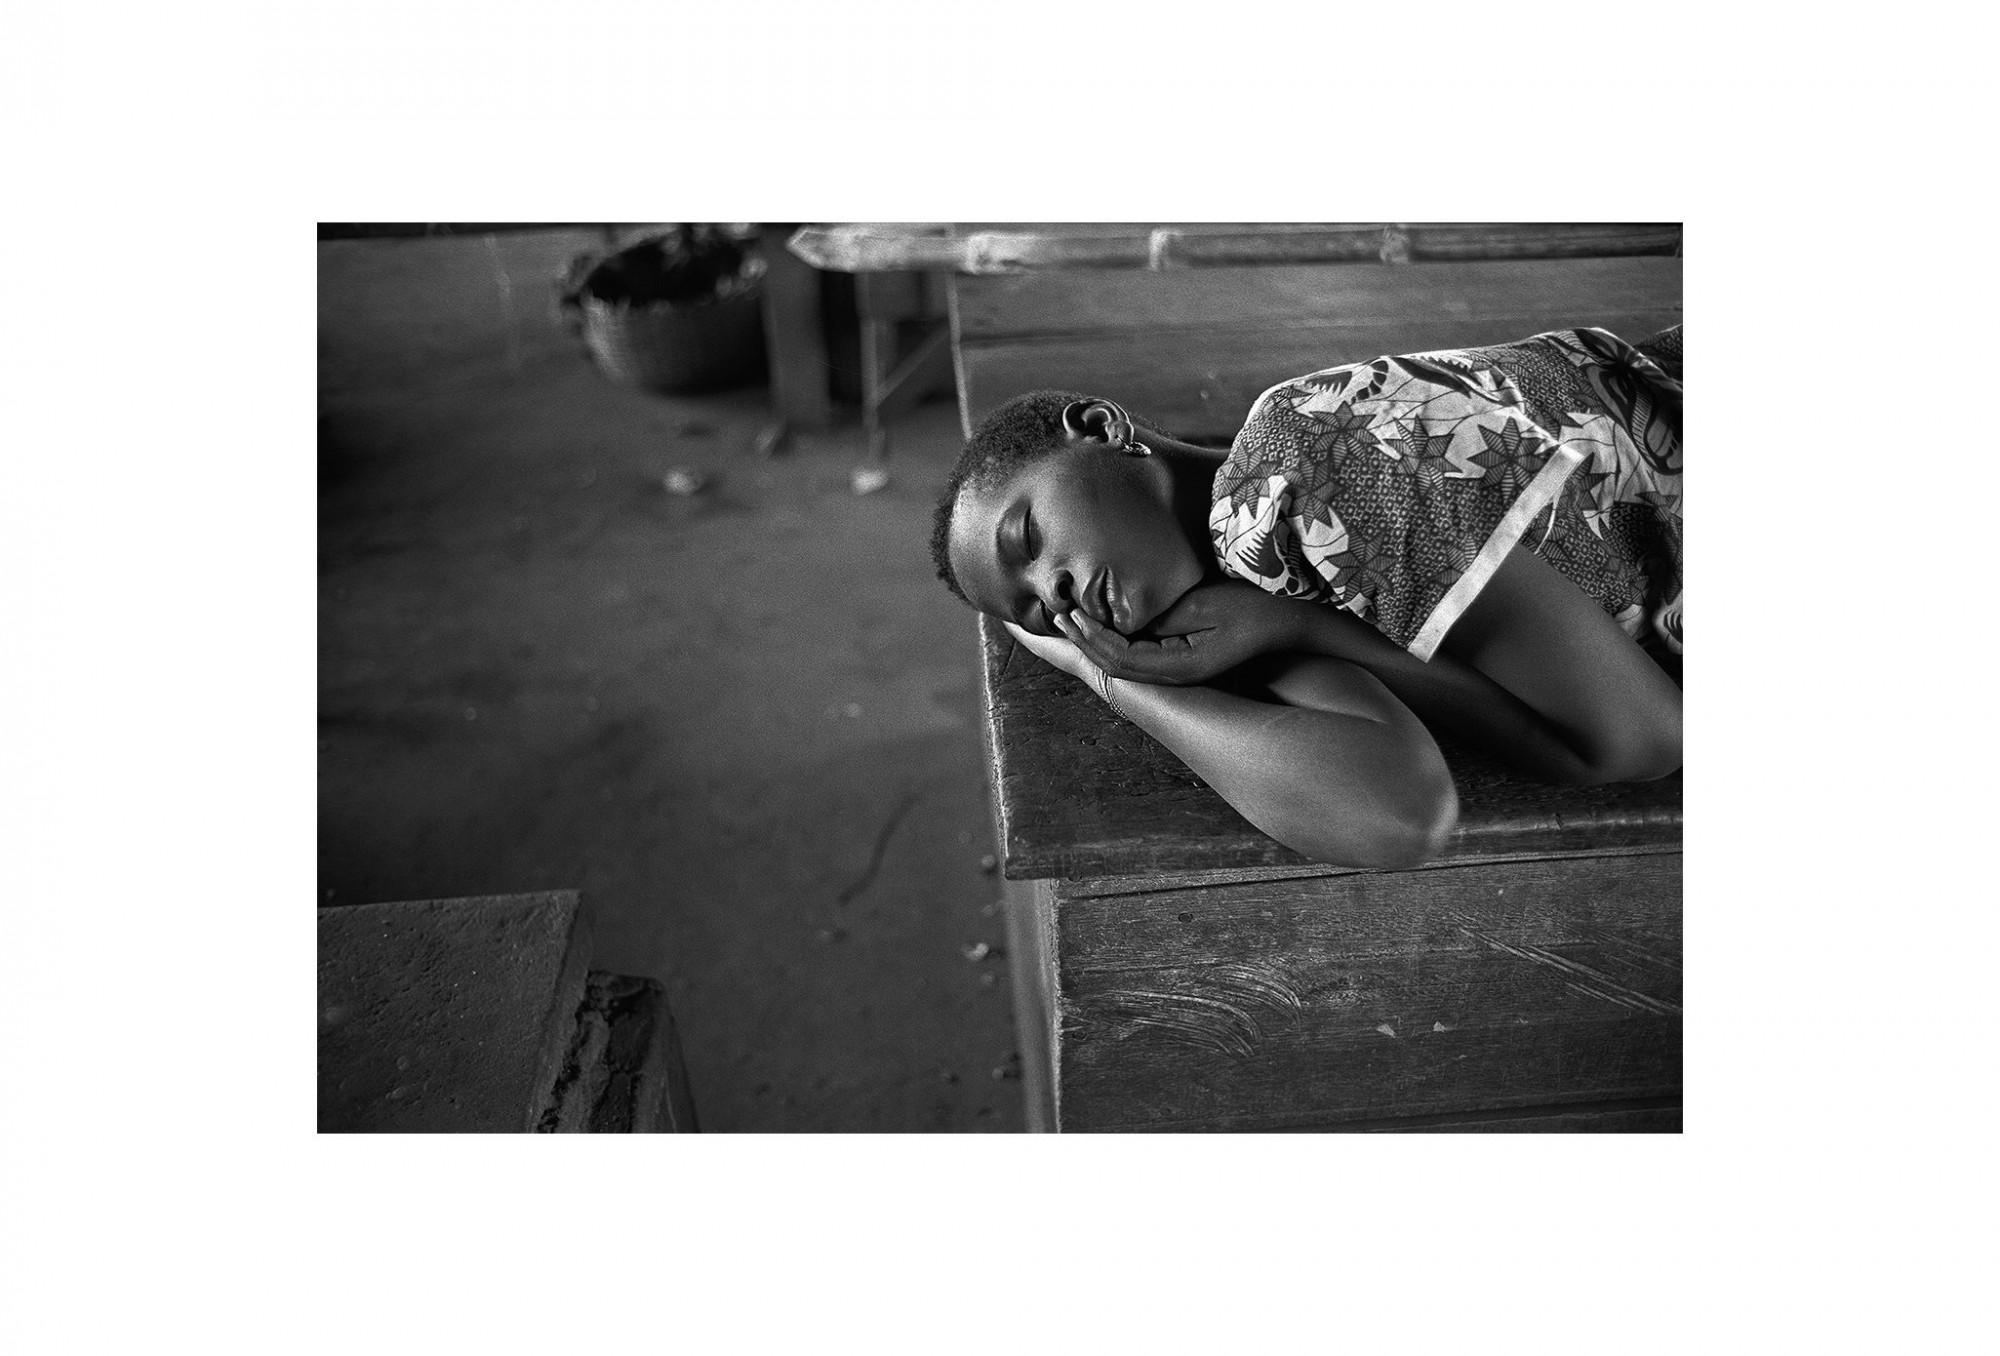 Afbeelding: Fotografie - Art, uit de reeks : De kleur van zwart.Togo, 01-10-22, © Dominique Van Huffel.